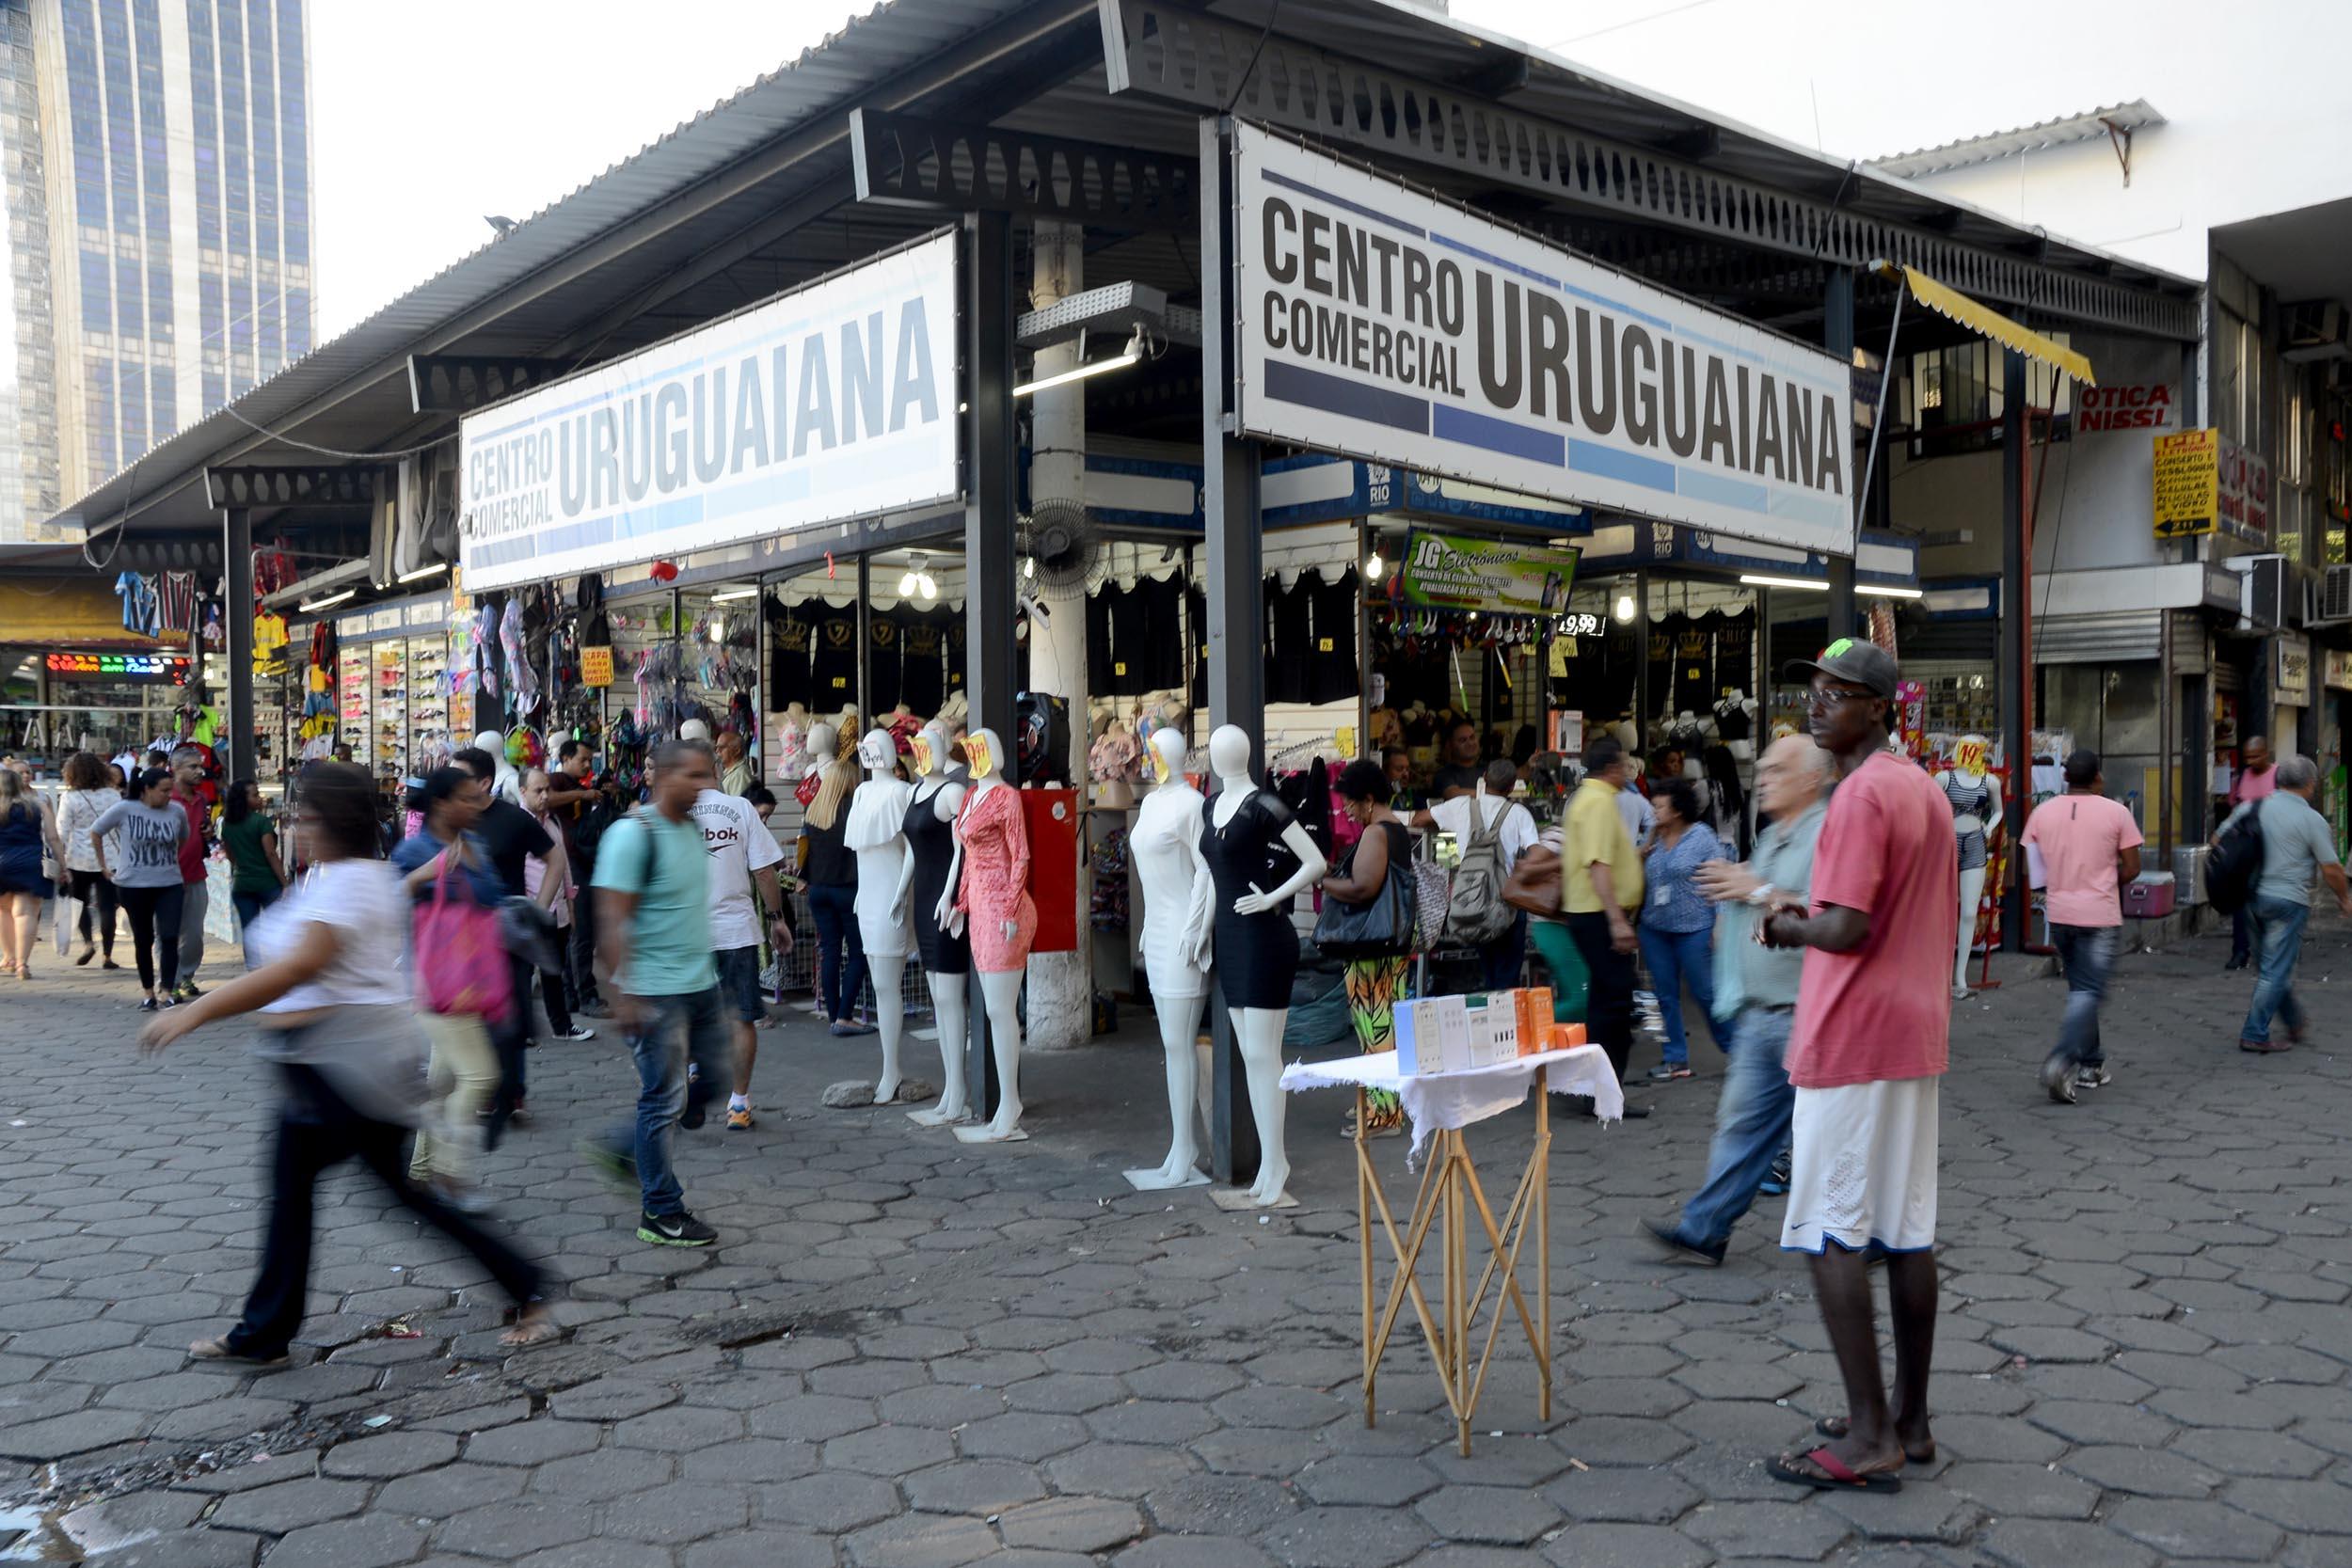 Mercado da Uruguaiana terá posto de fiscalização 24h e videomonitoramento